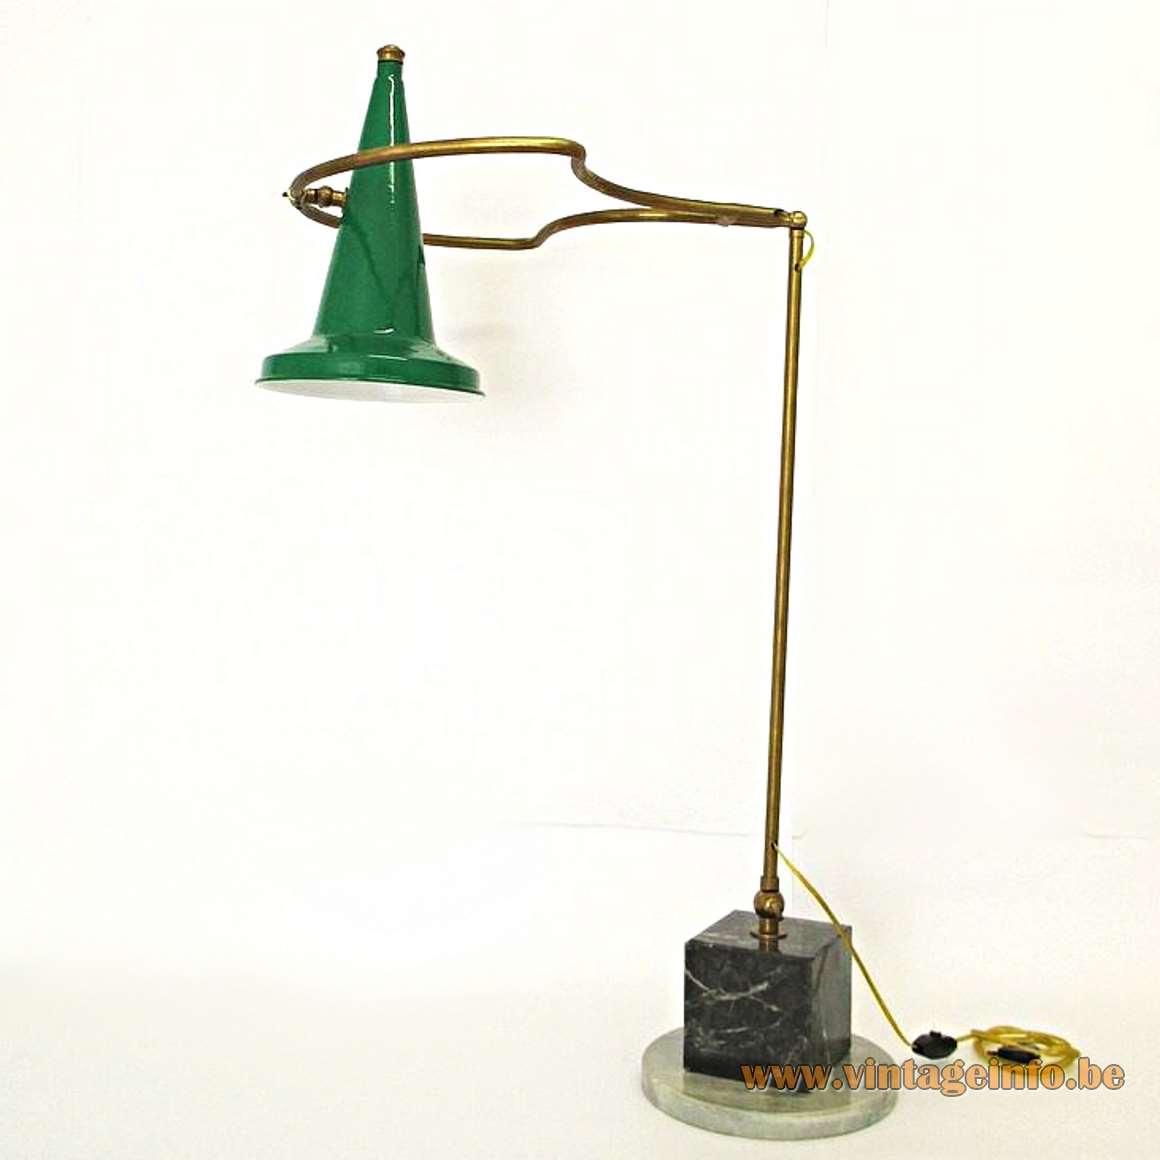 1950s Italian Parasol Table Lamp